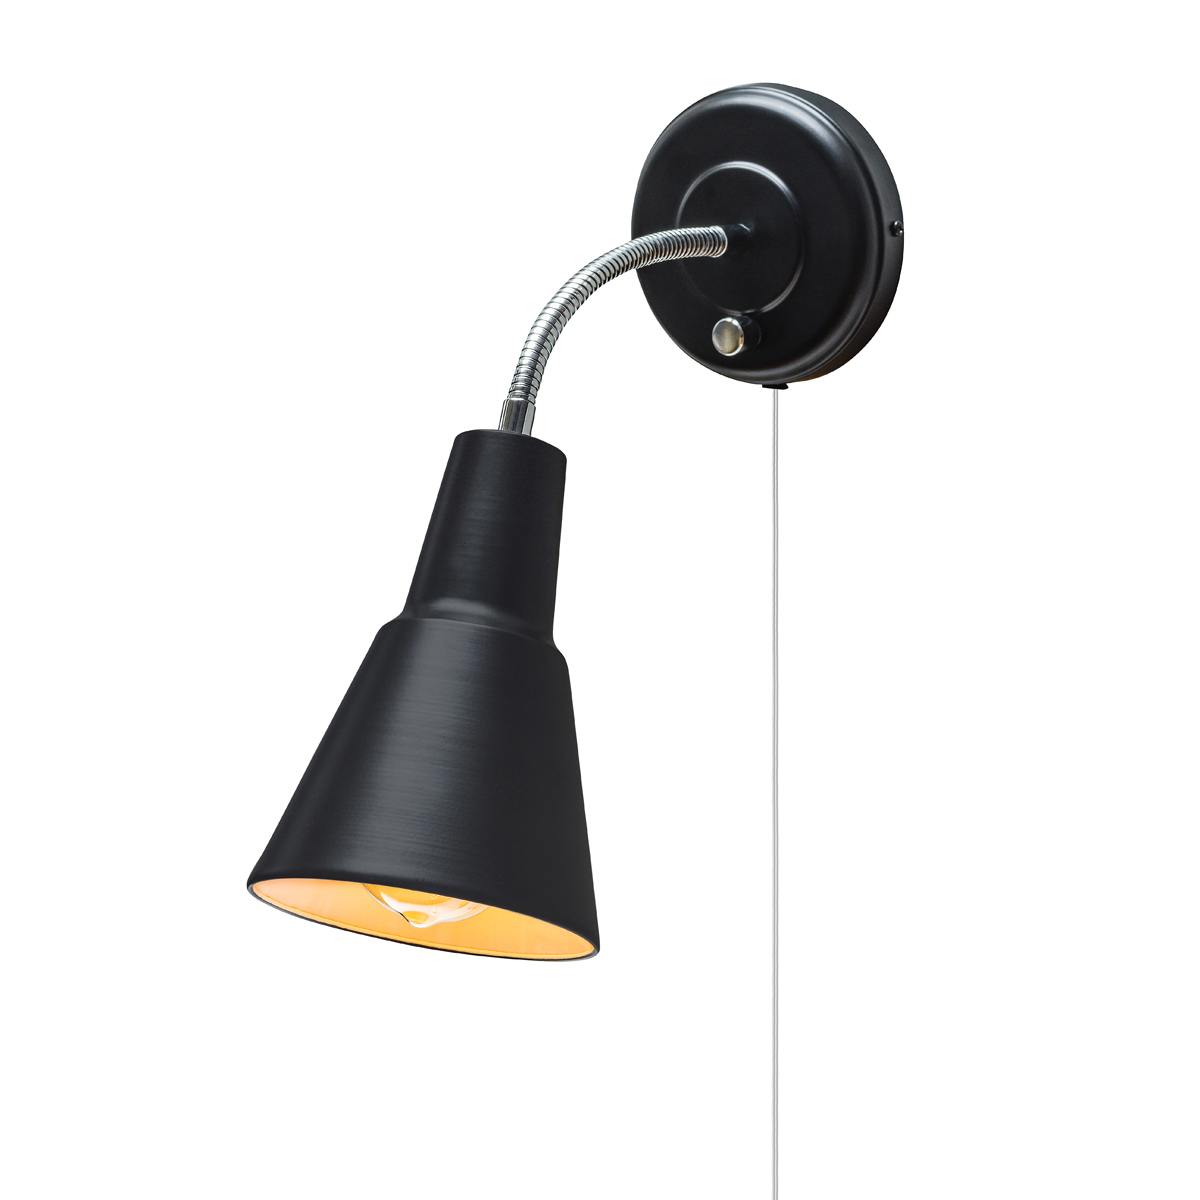 Emgo Cast Aluminum Headlamp Mounting Brackets 66-35832 2001-0816 Black